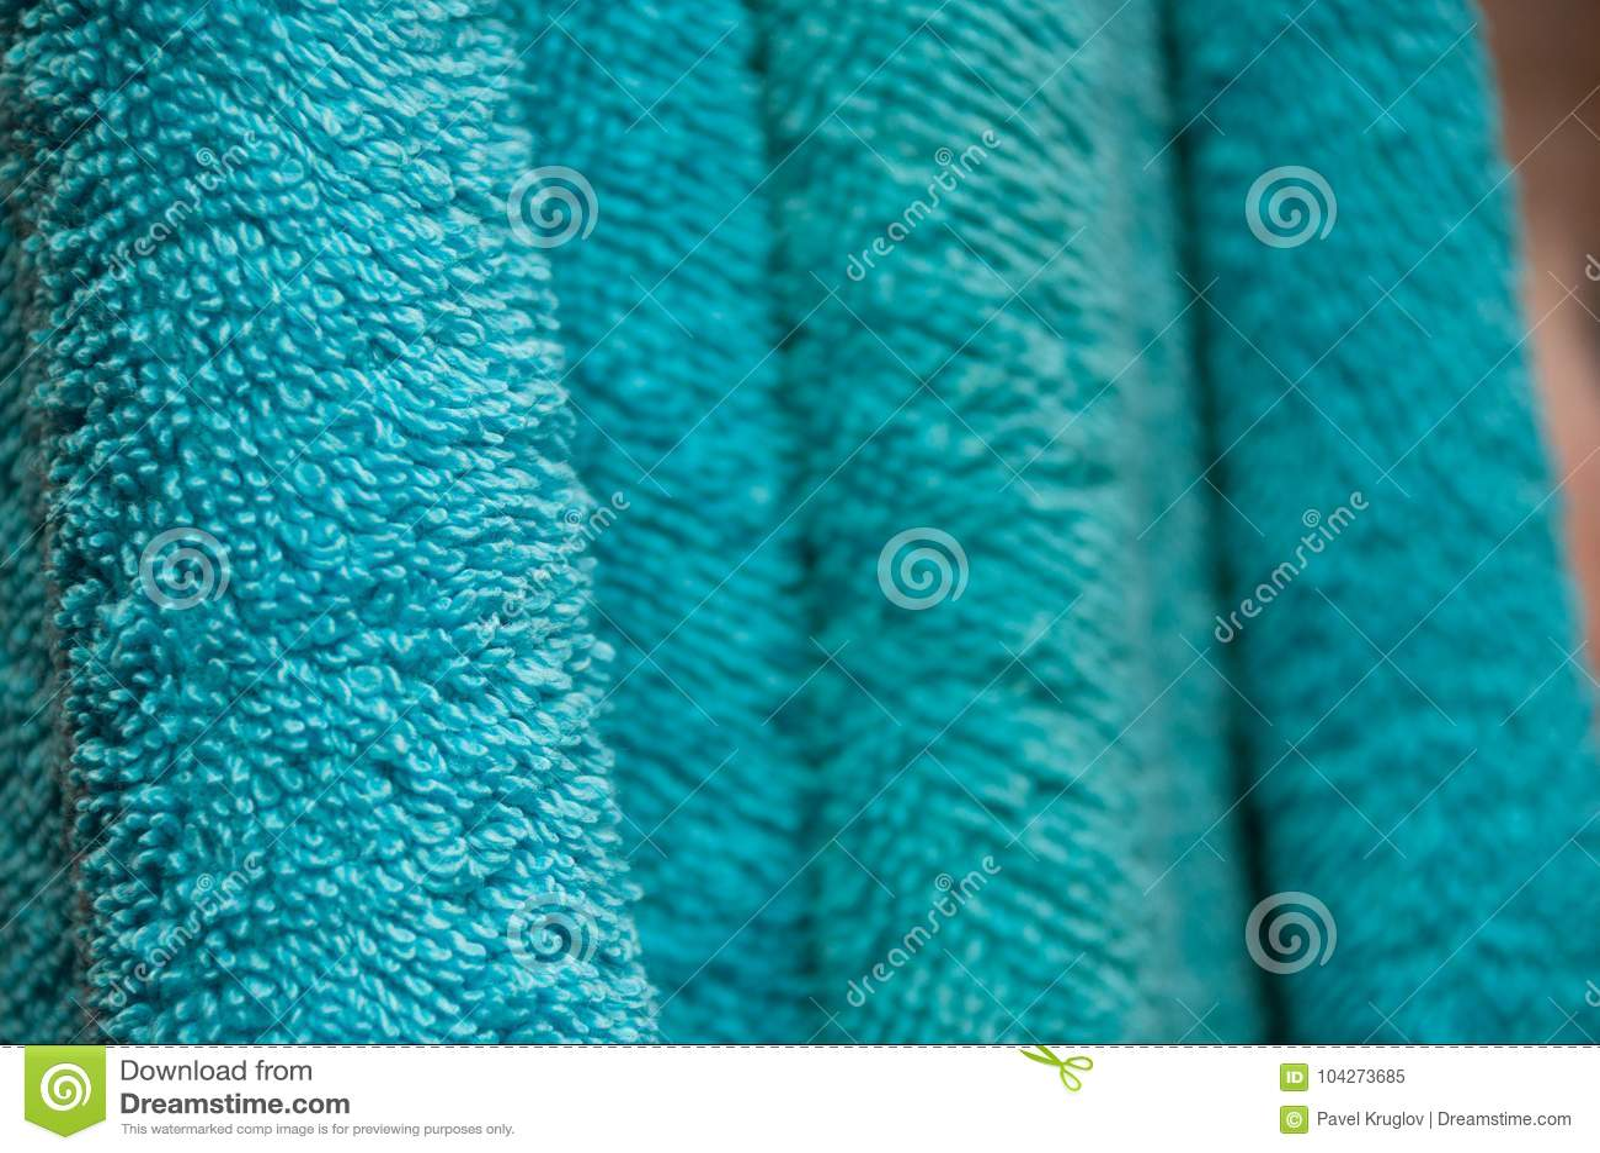 Asciugamani di bagno asciutti ondulati dellacquamarina di colore